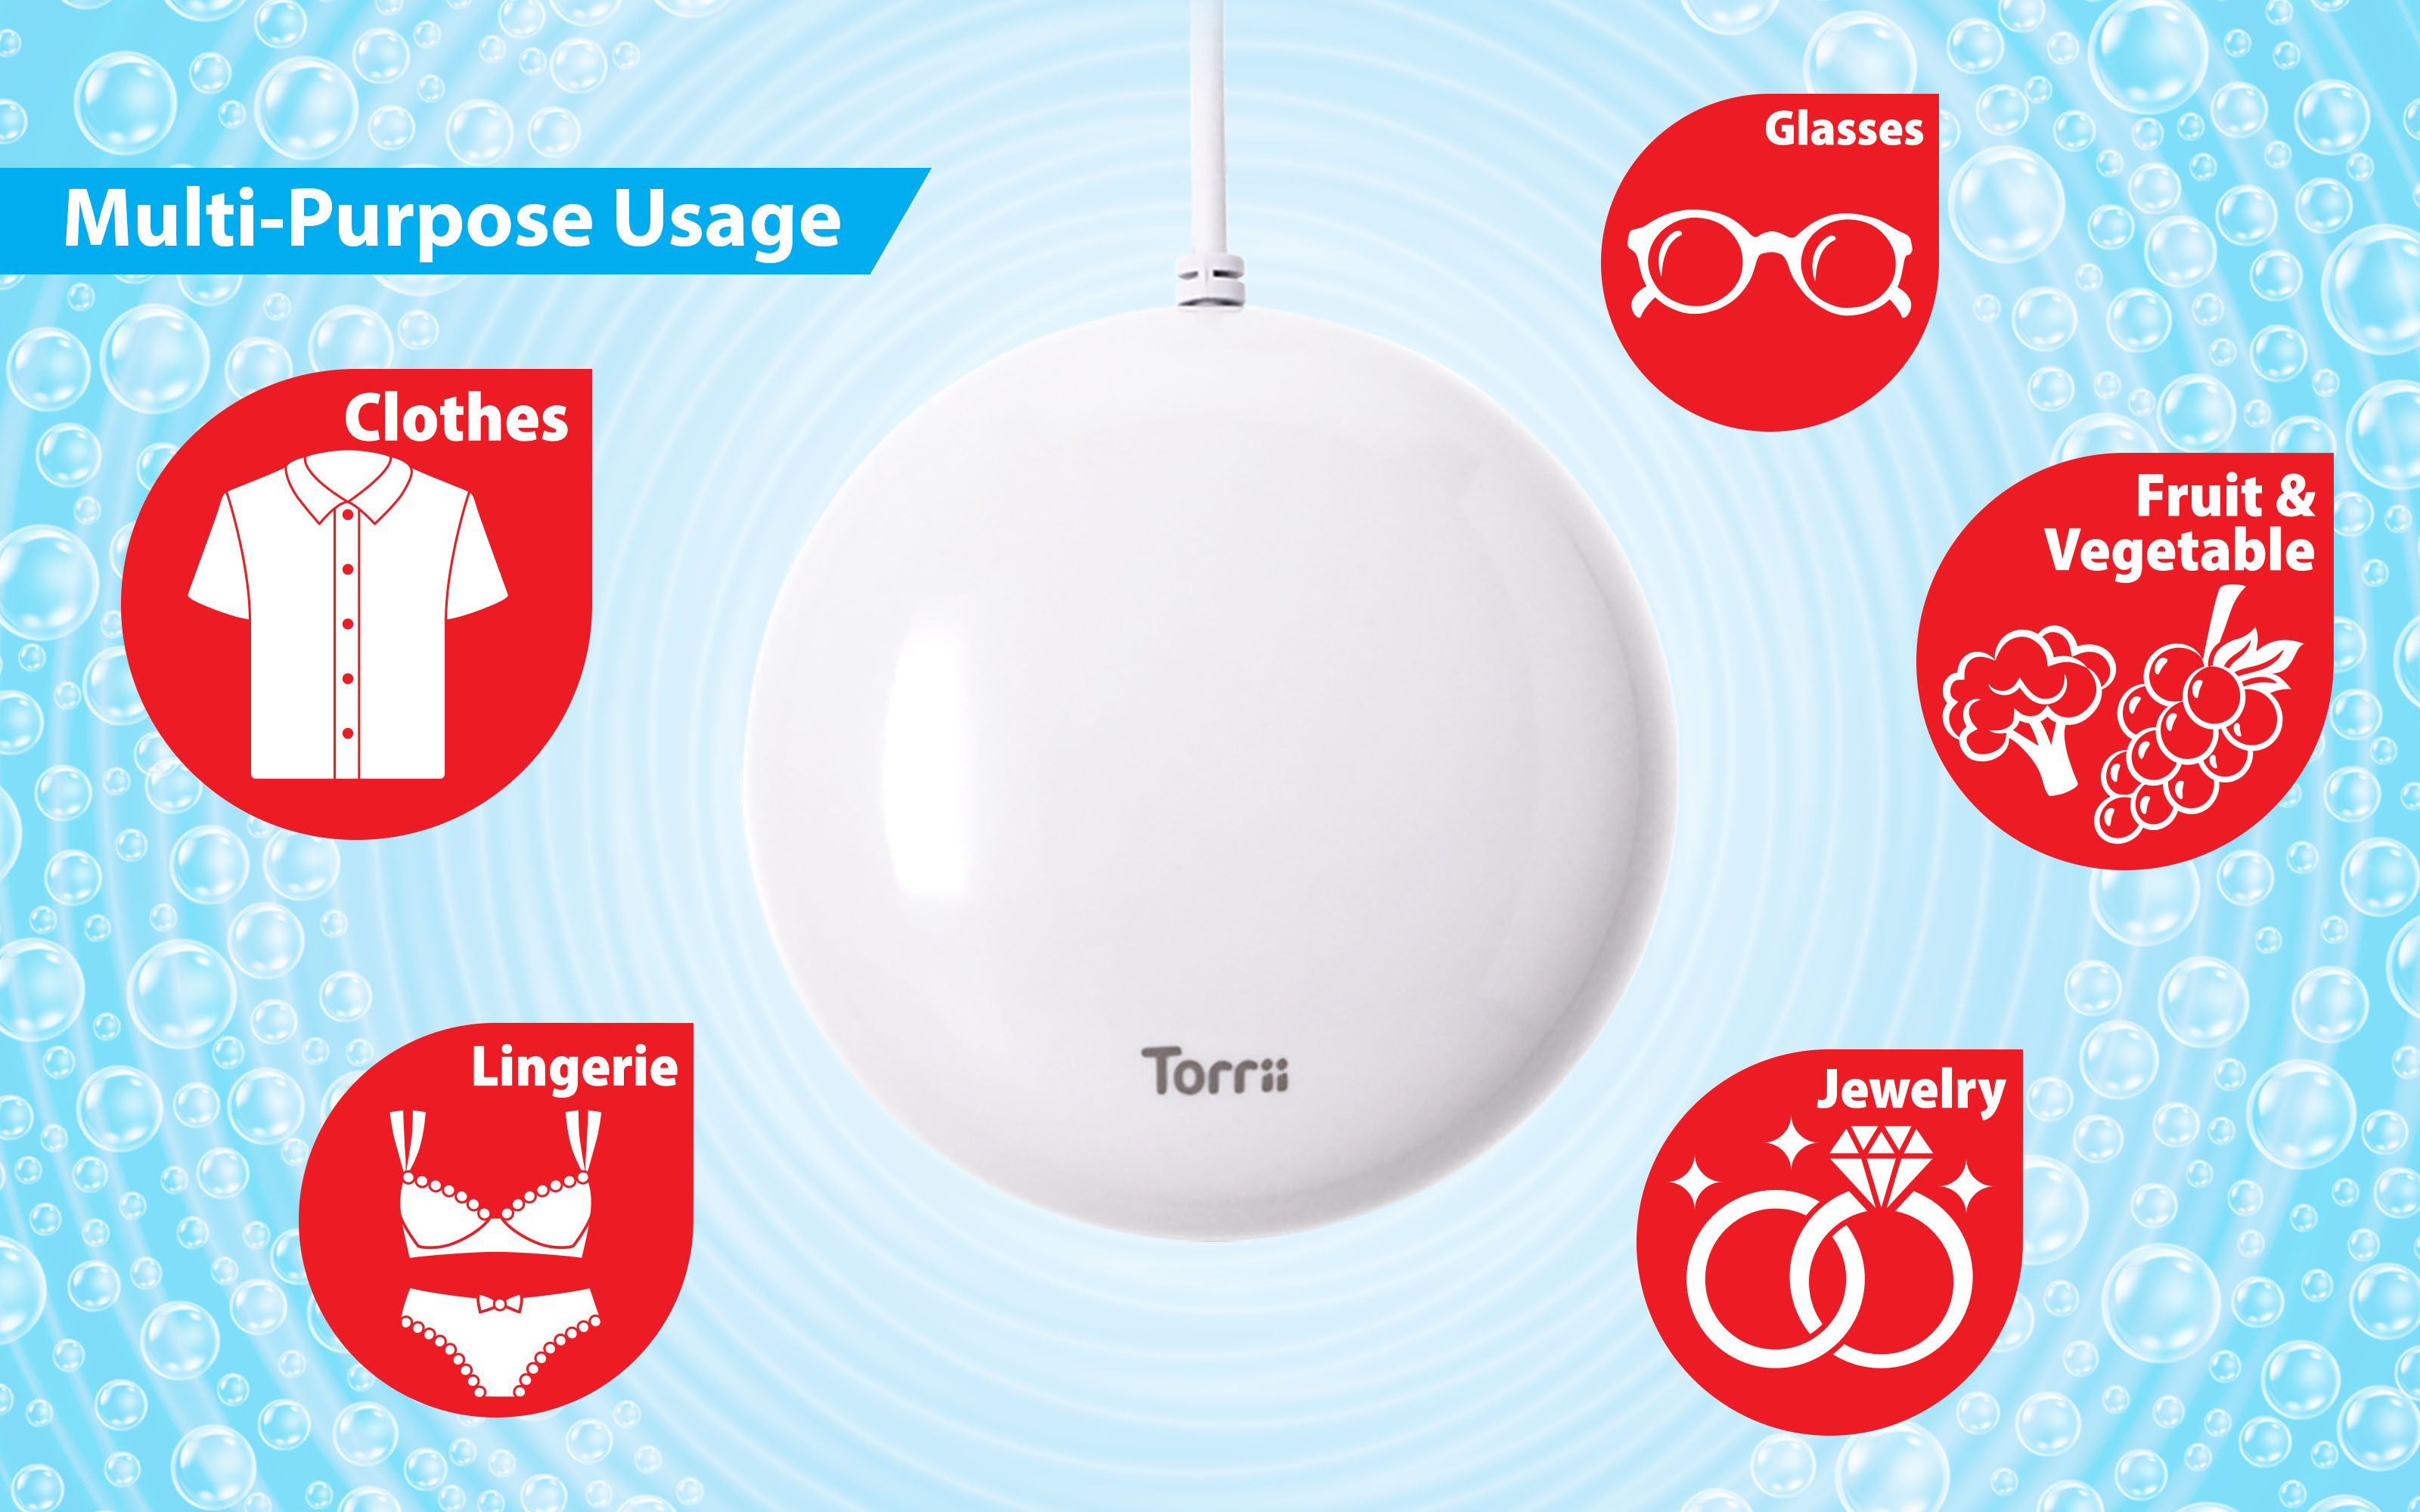 TorriiSonic - Portable Ultrasonic Washing Device